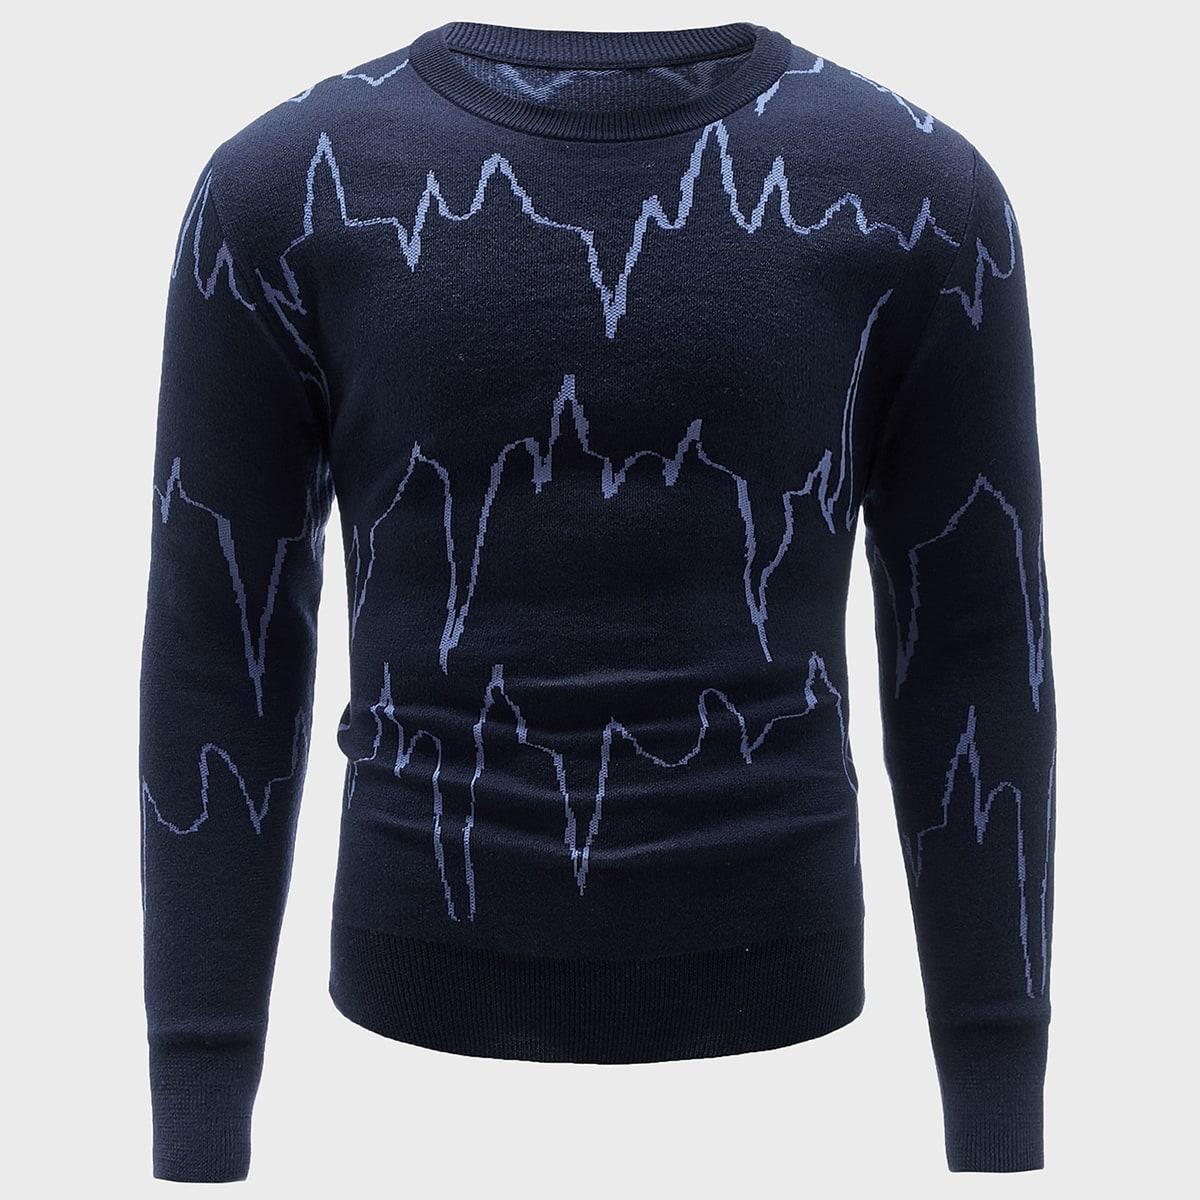 Мужской свитер с принтом ЭКГ